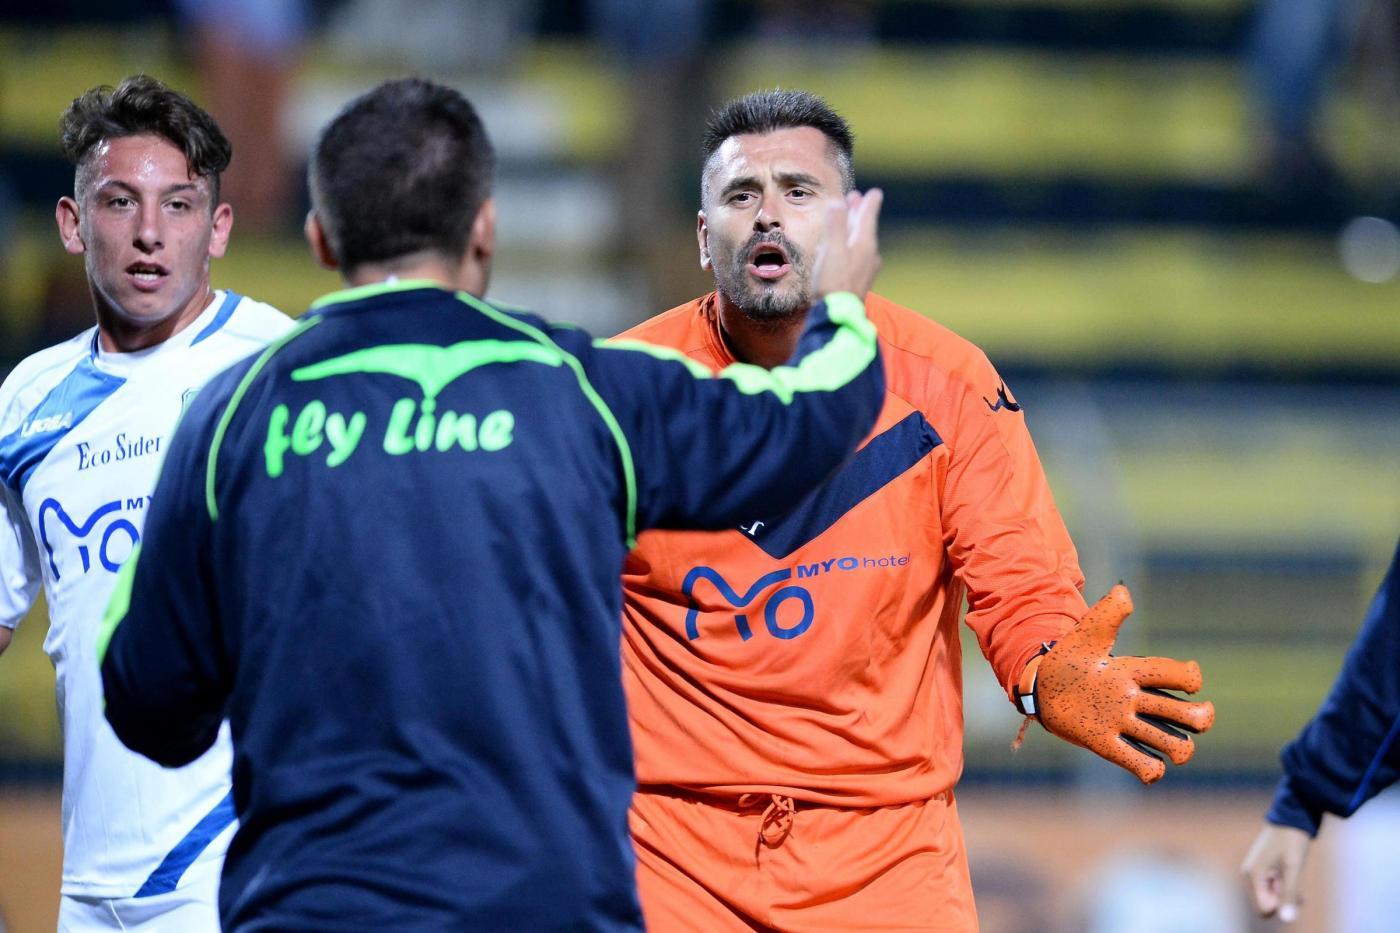 Ss juve stabia vs paganese calcio 1926 blitz quotidiano - Finestre pensione 2015 ...